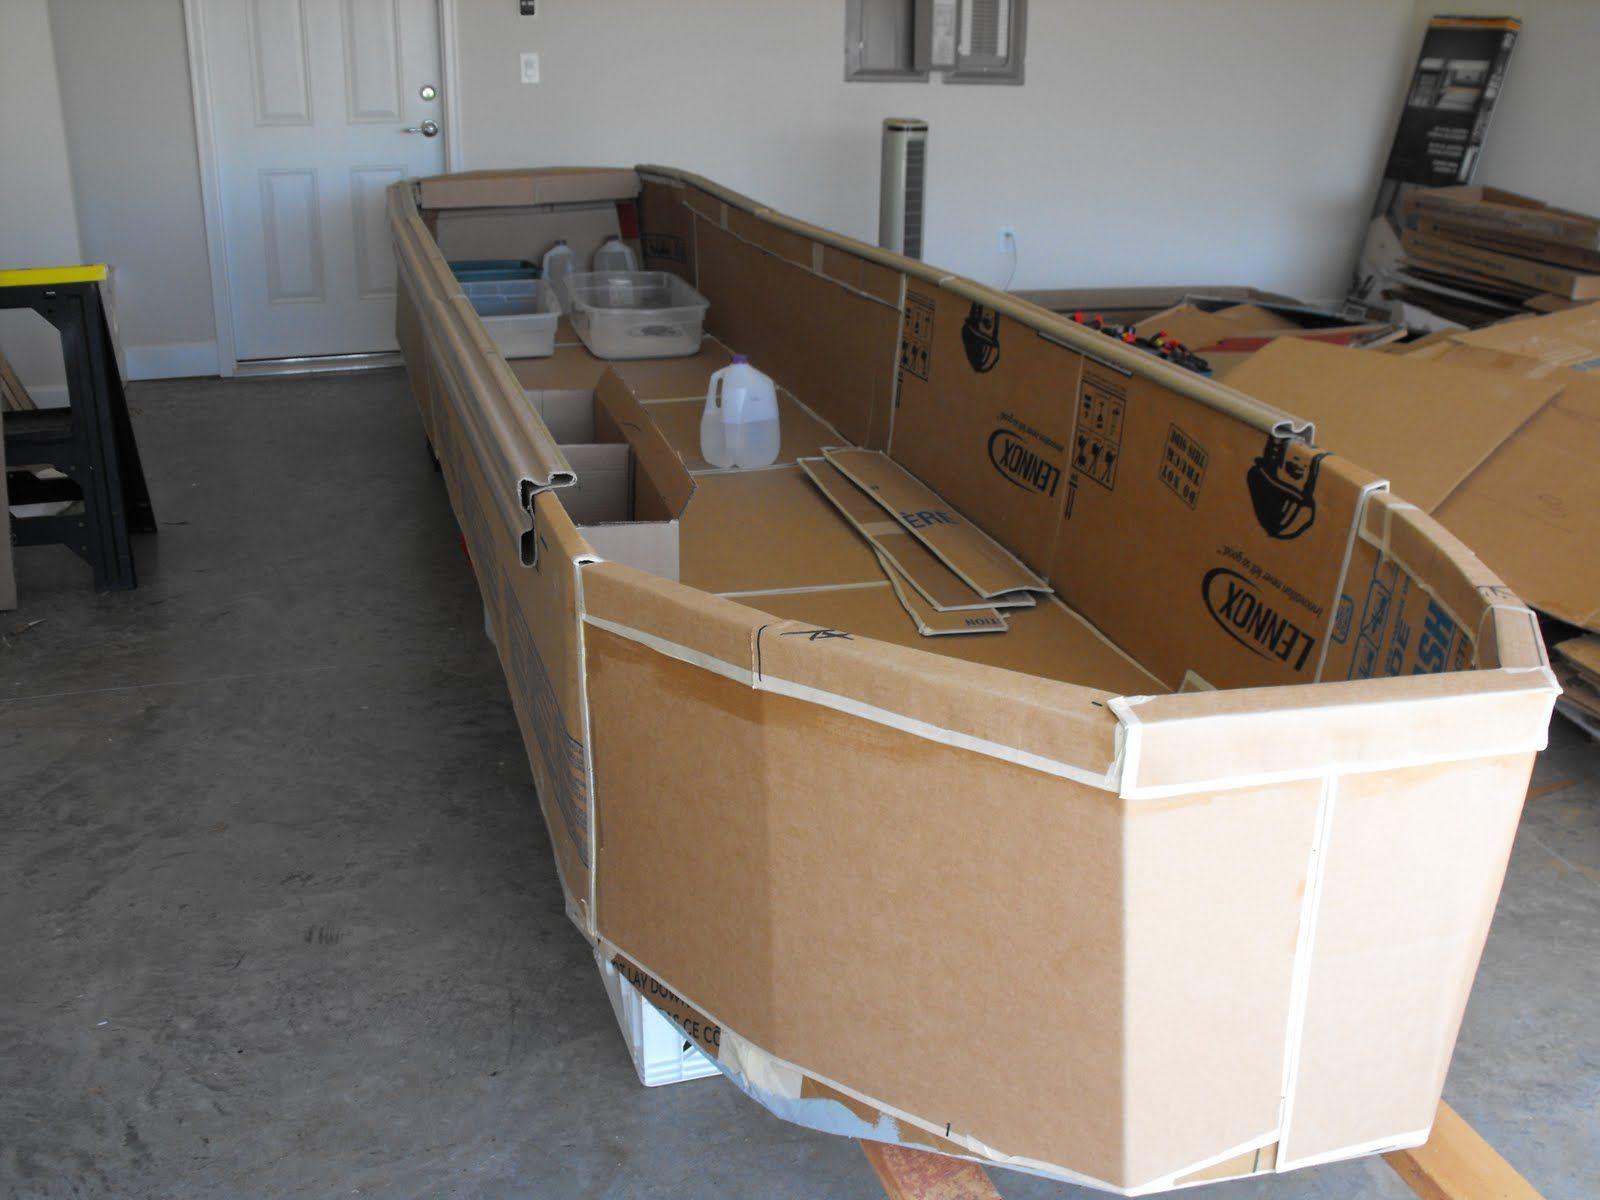 Cardboard Race Boat Box